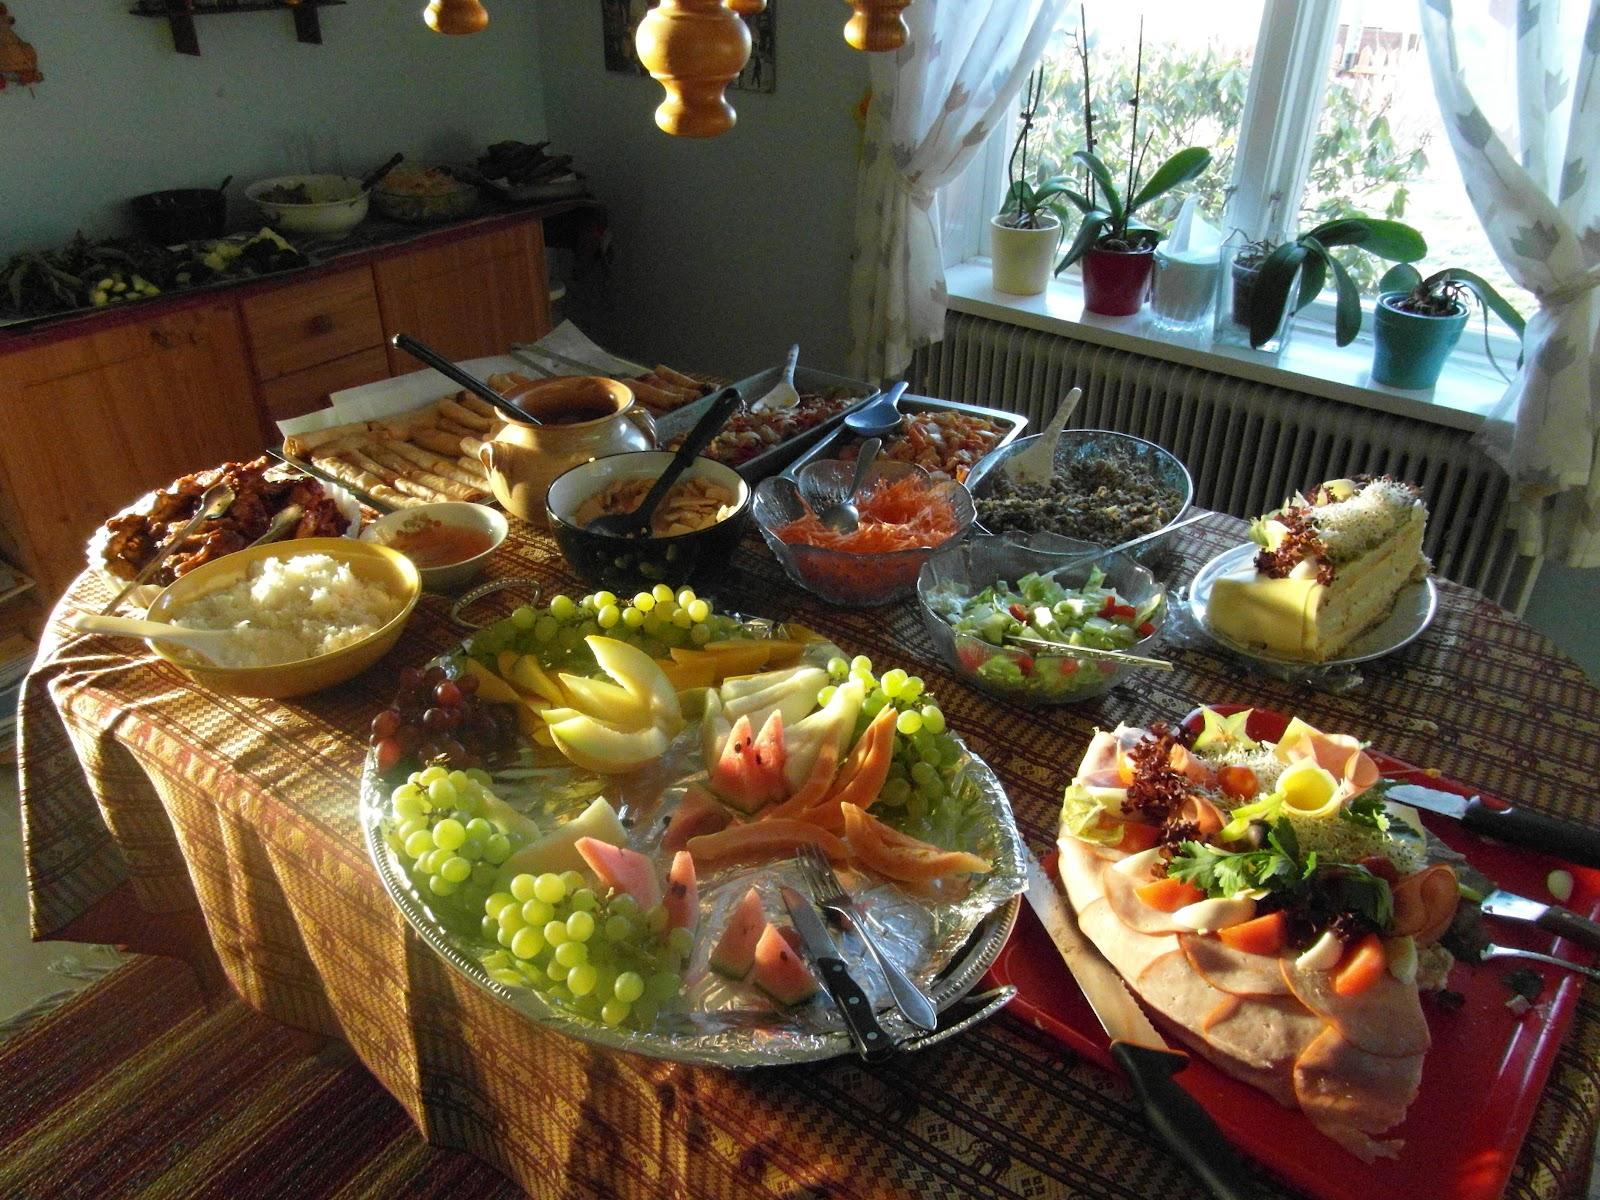 50 års middag recept Genom mitt fönster: 50 års fest 50 års middag recept